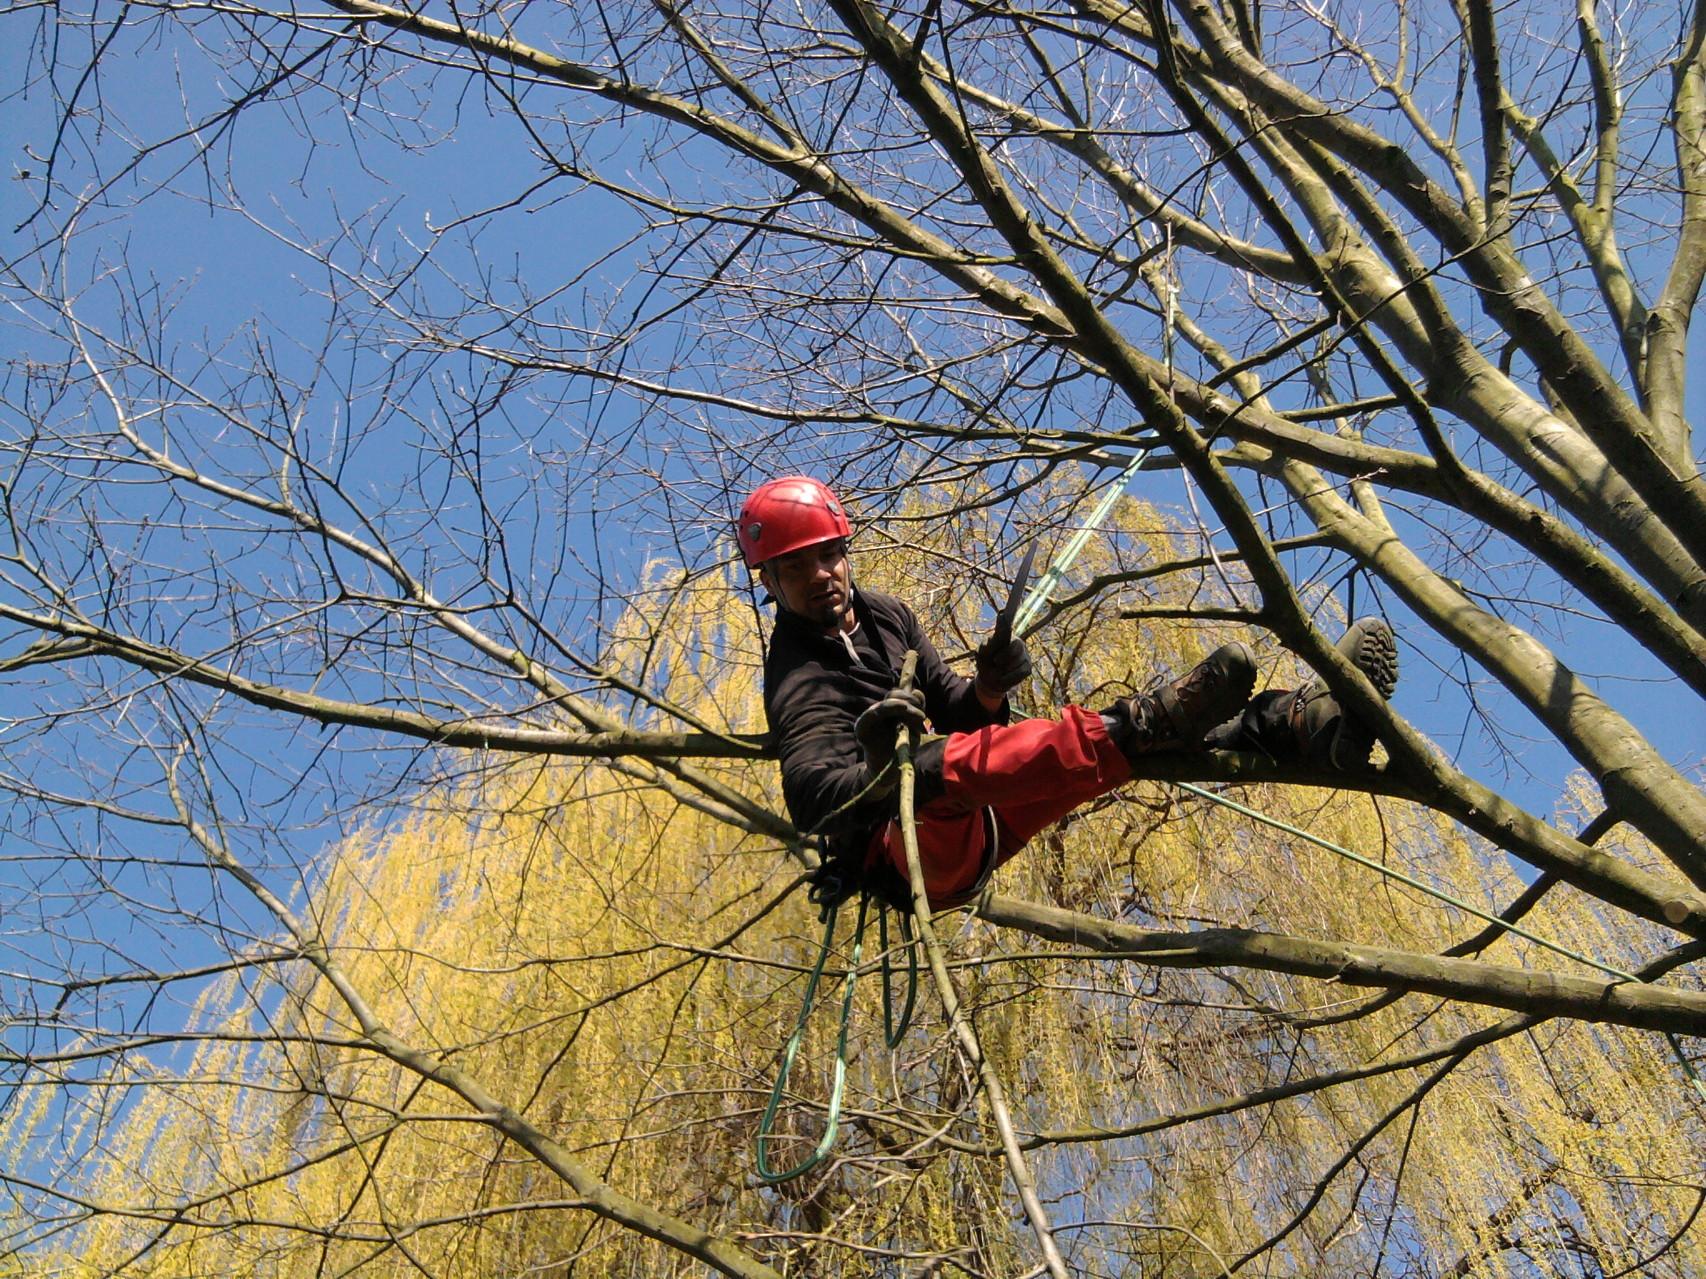 Intégrer l'arbre dans son environnement tout en respectant son développement